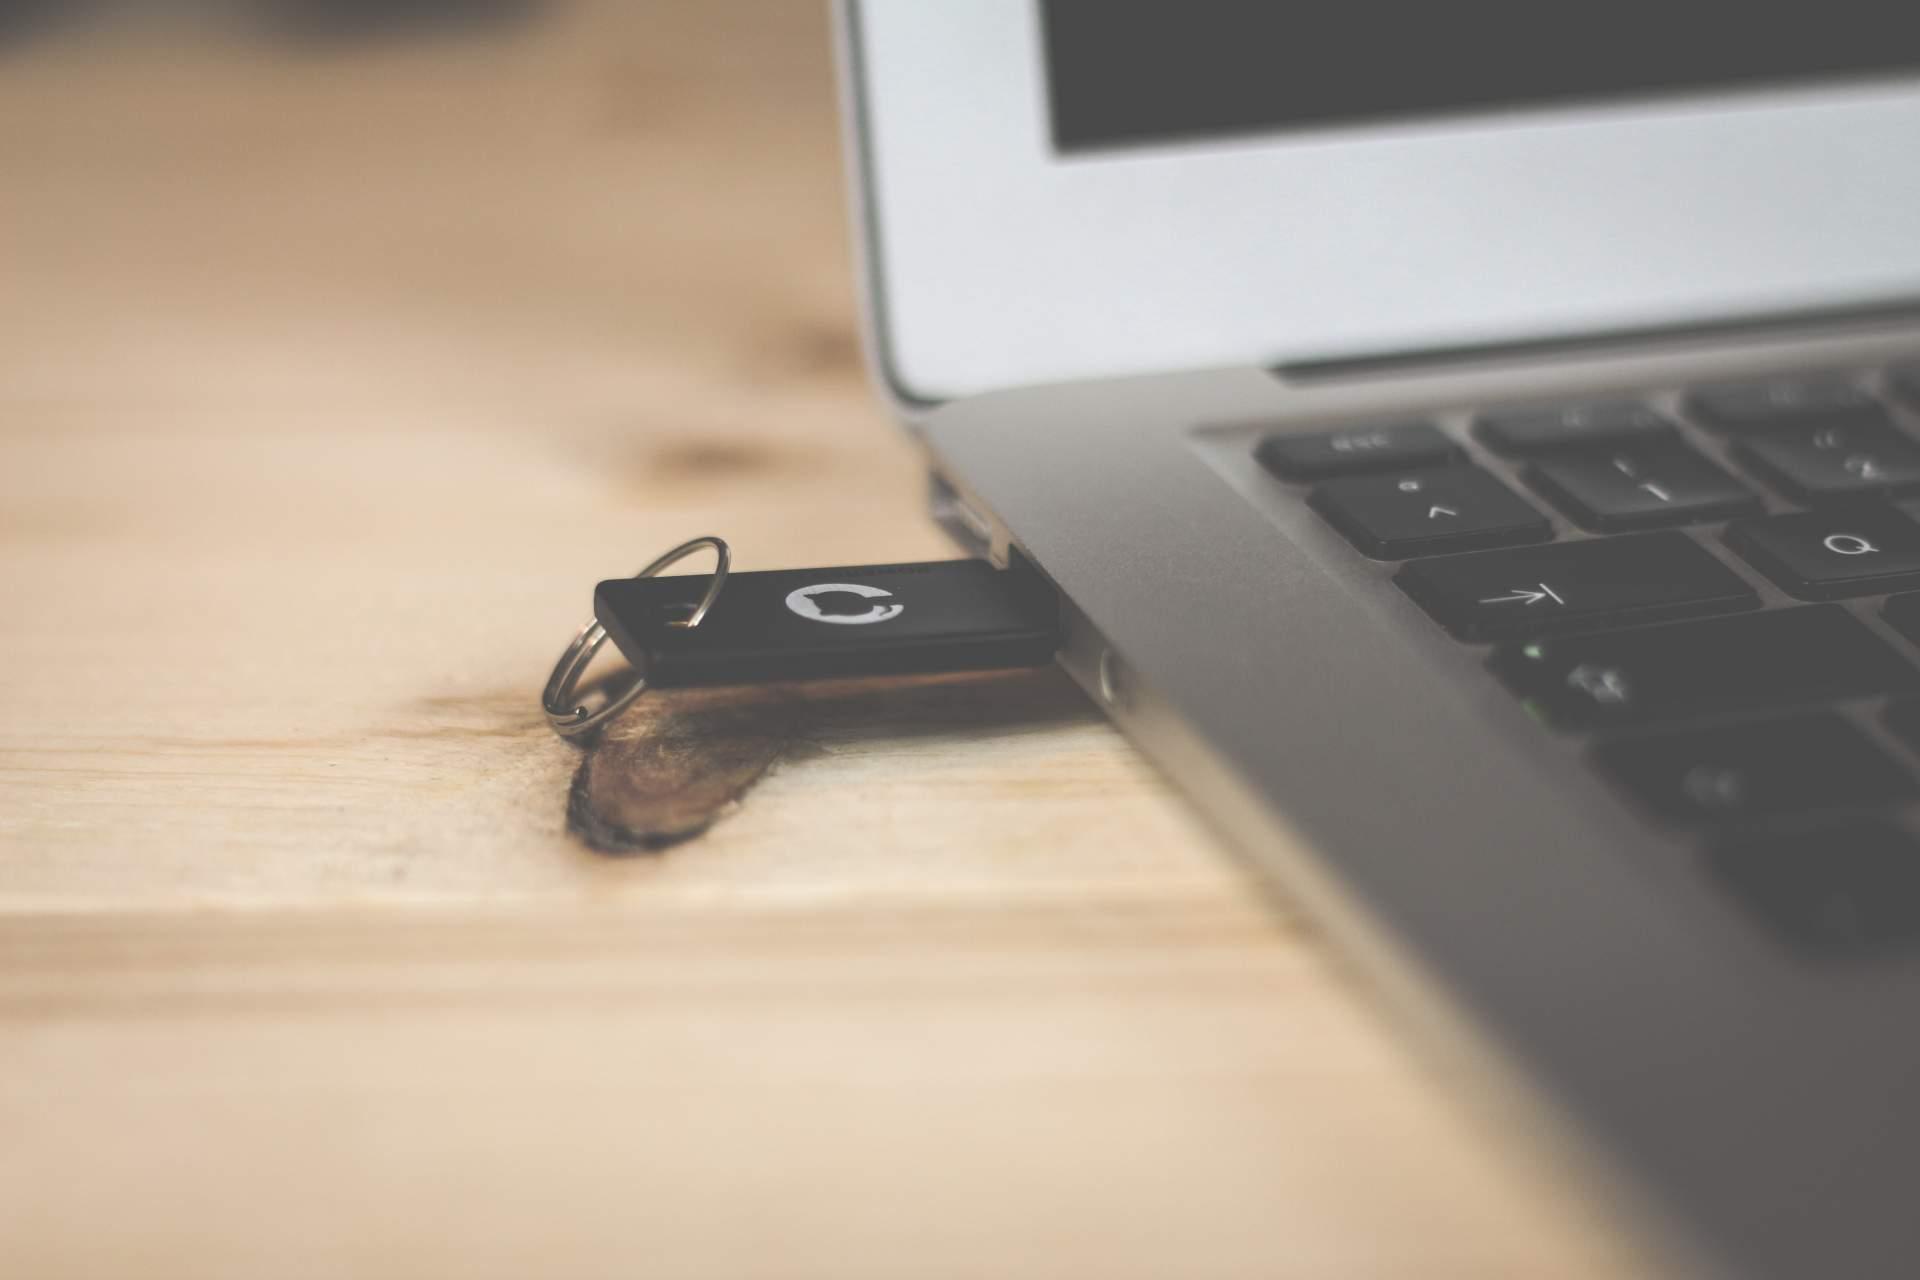 Linux auf dem Stick? Kein Problem! (Photo by Brina Blum on Unsplash)